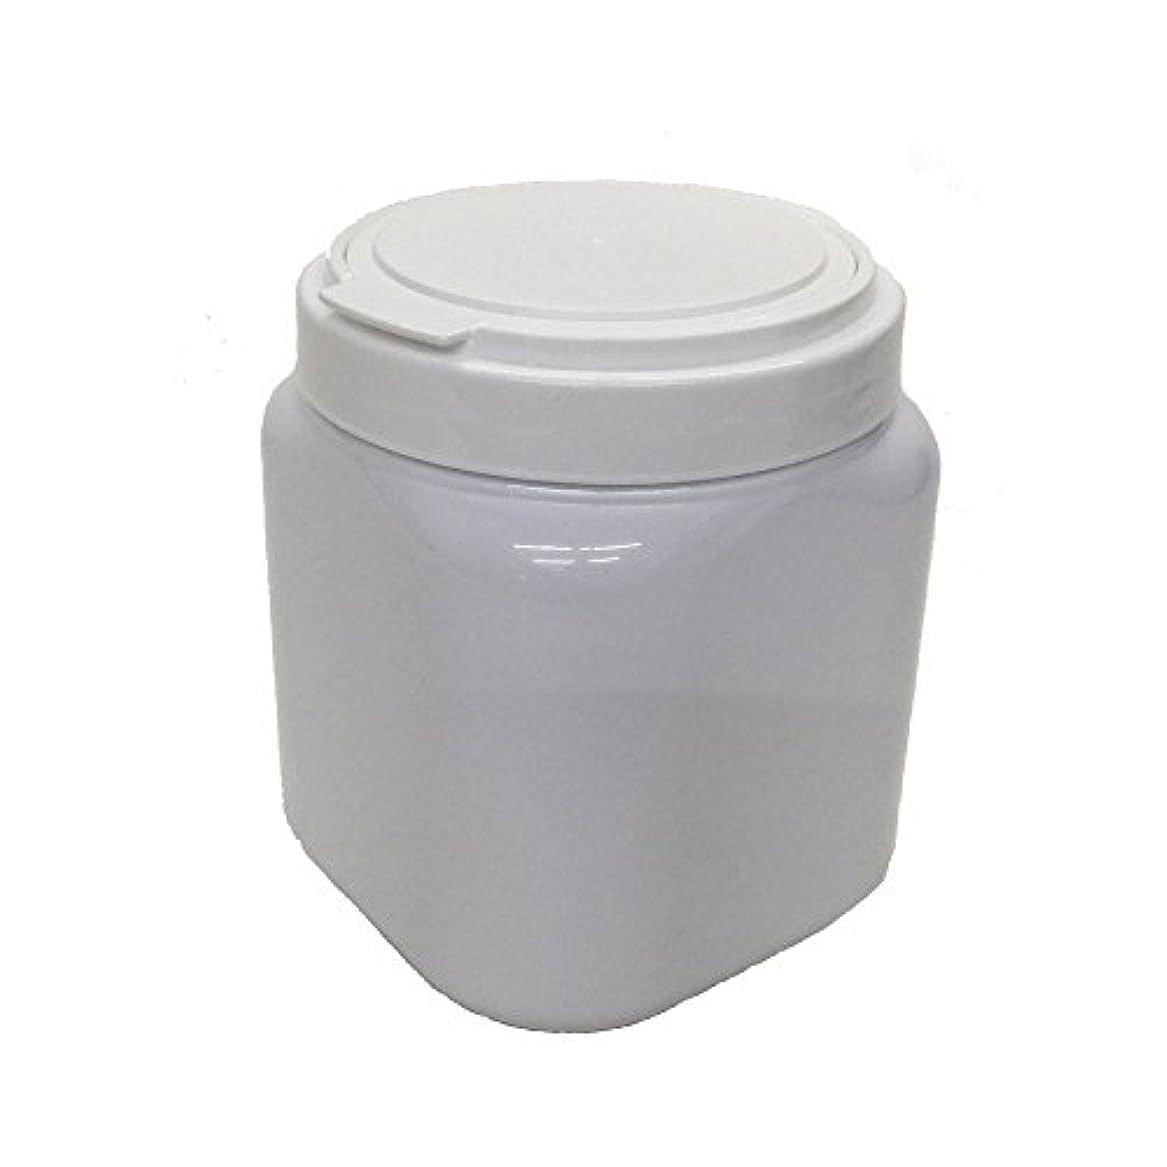 ジョットディボンドン文房具悪夢cubebox-WH-1500(ホワイト)【選べるラベル付き!】 ((Skinny)スキニー調)